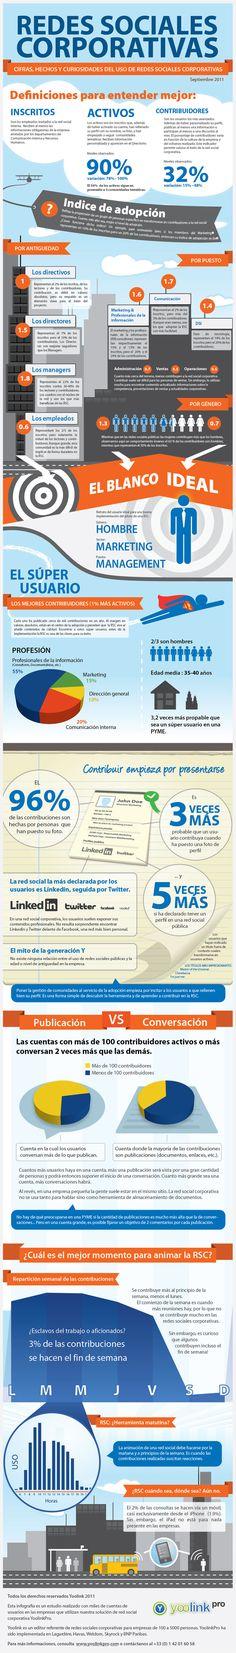 Redes sociales corporativas #SocialMedia